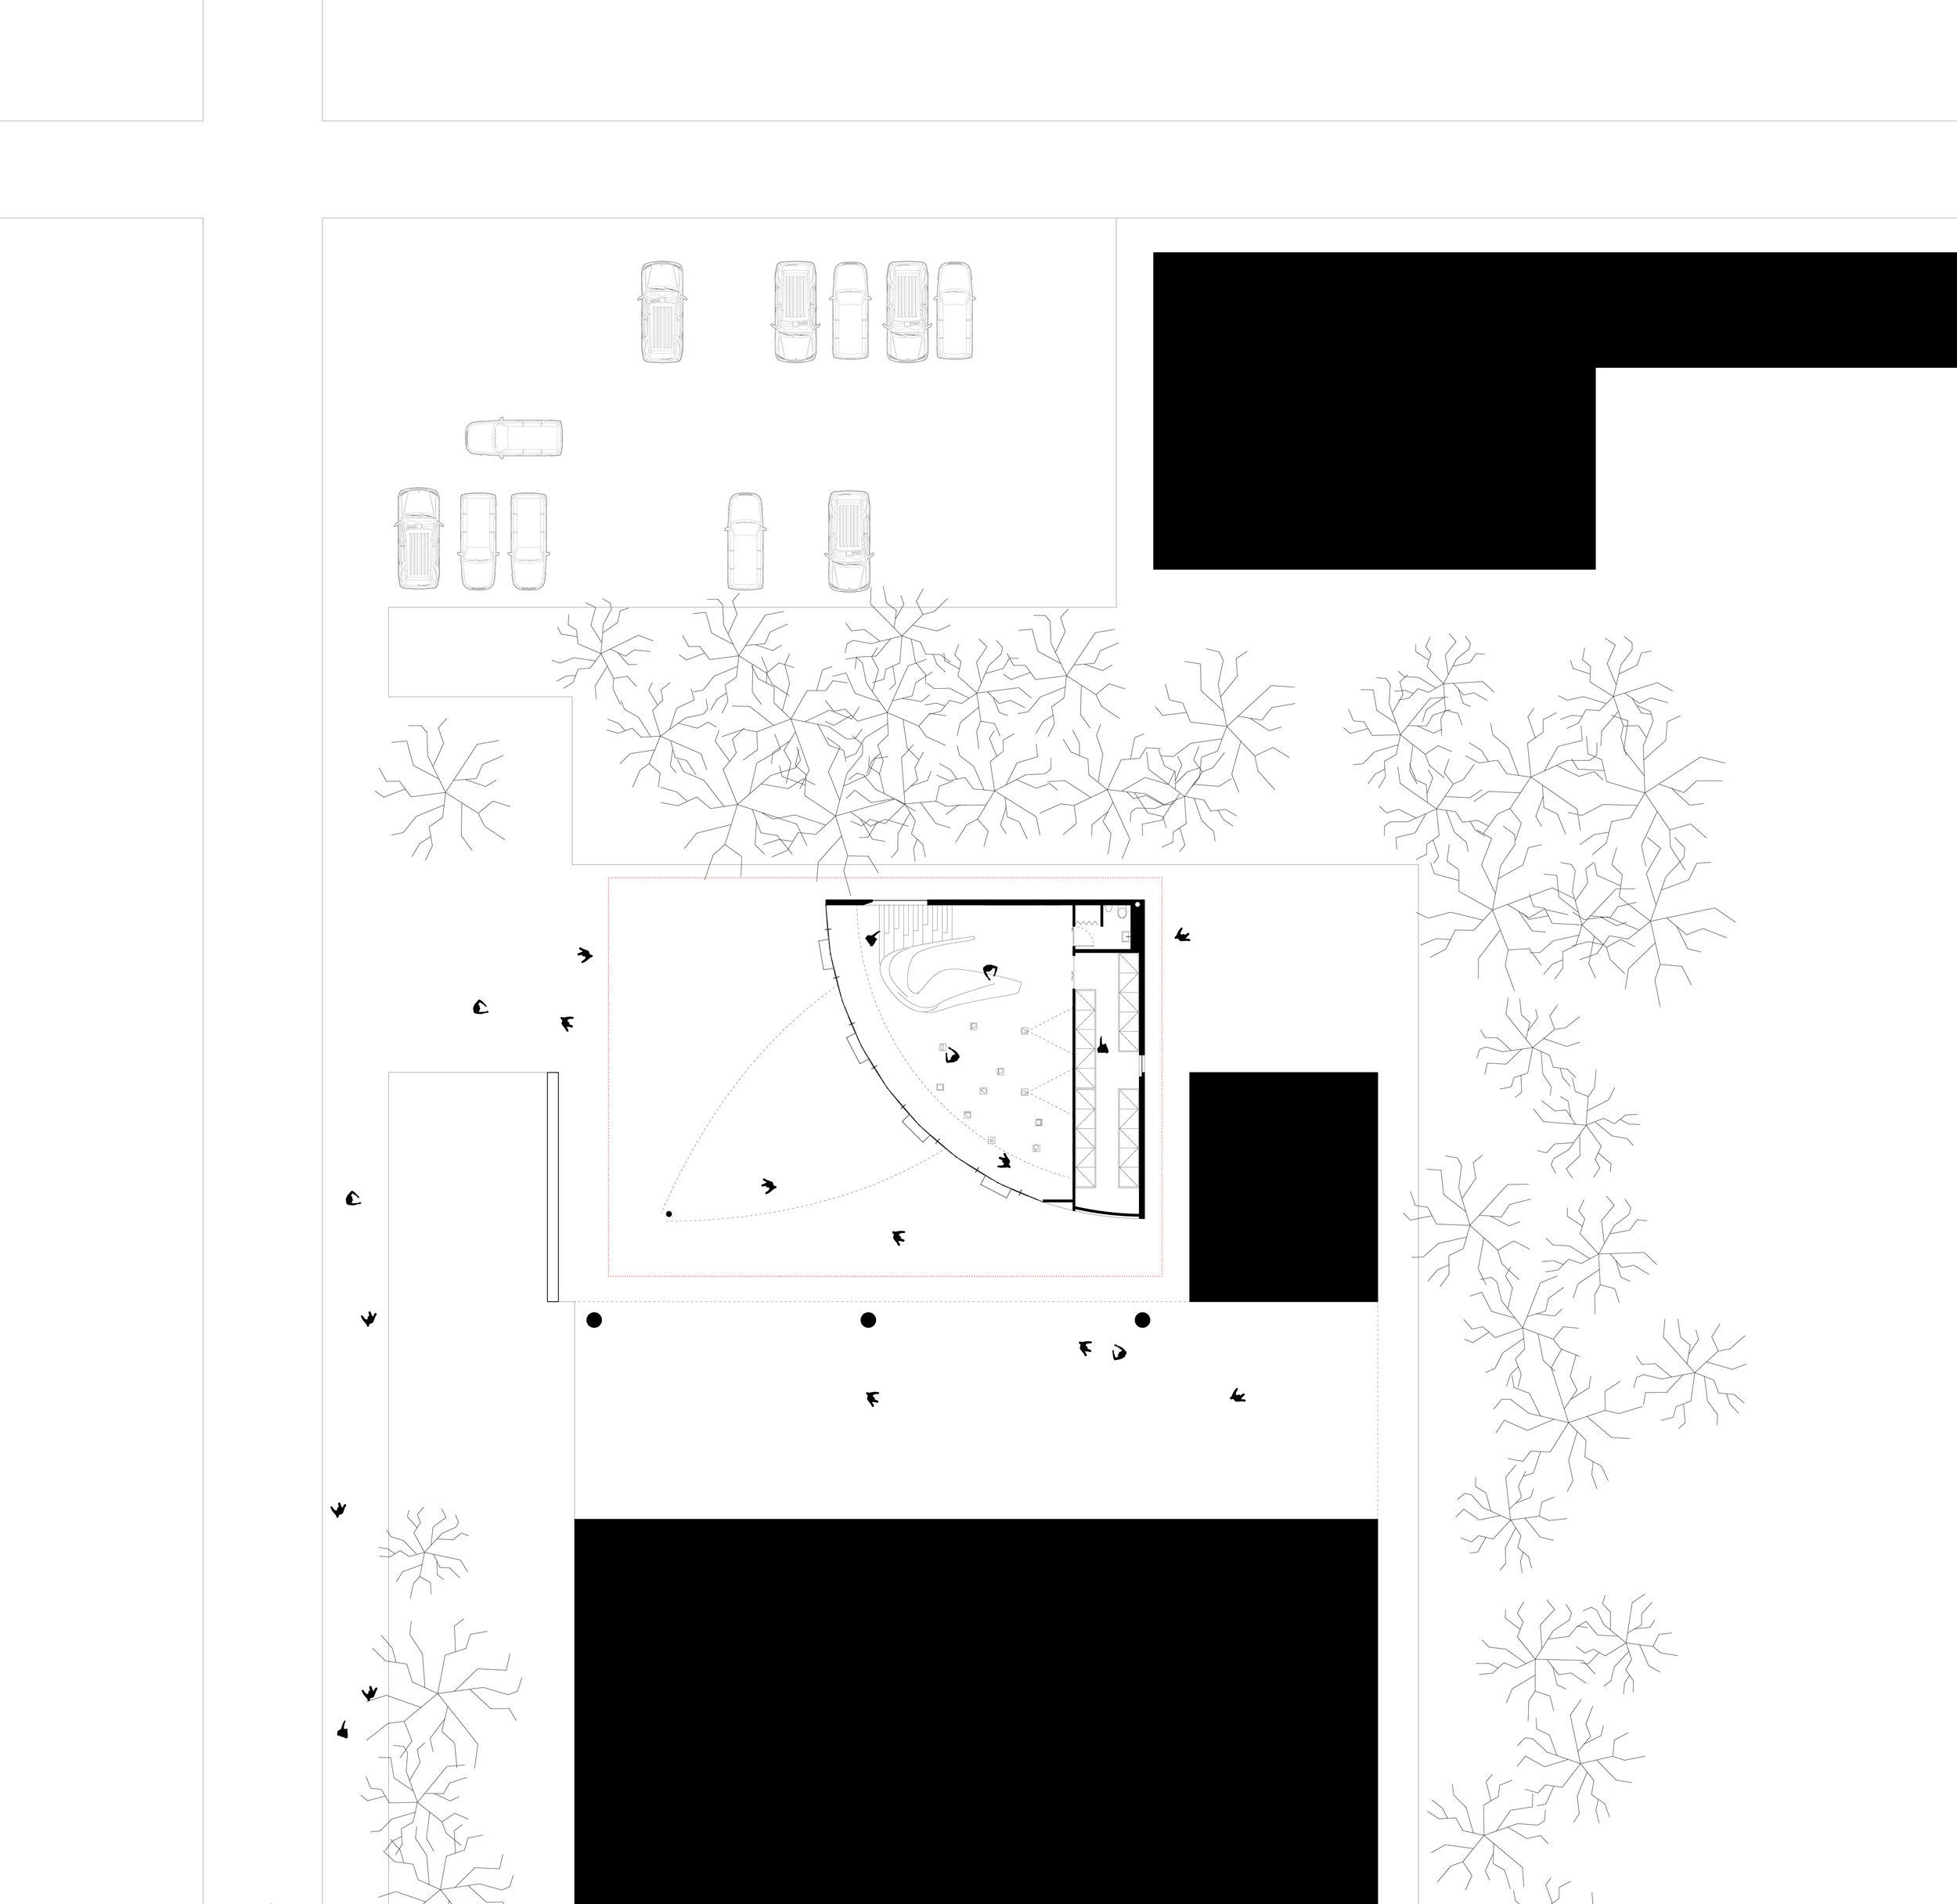 170628 drawings-06.jpg